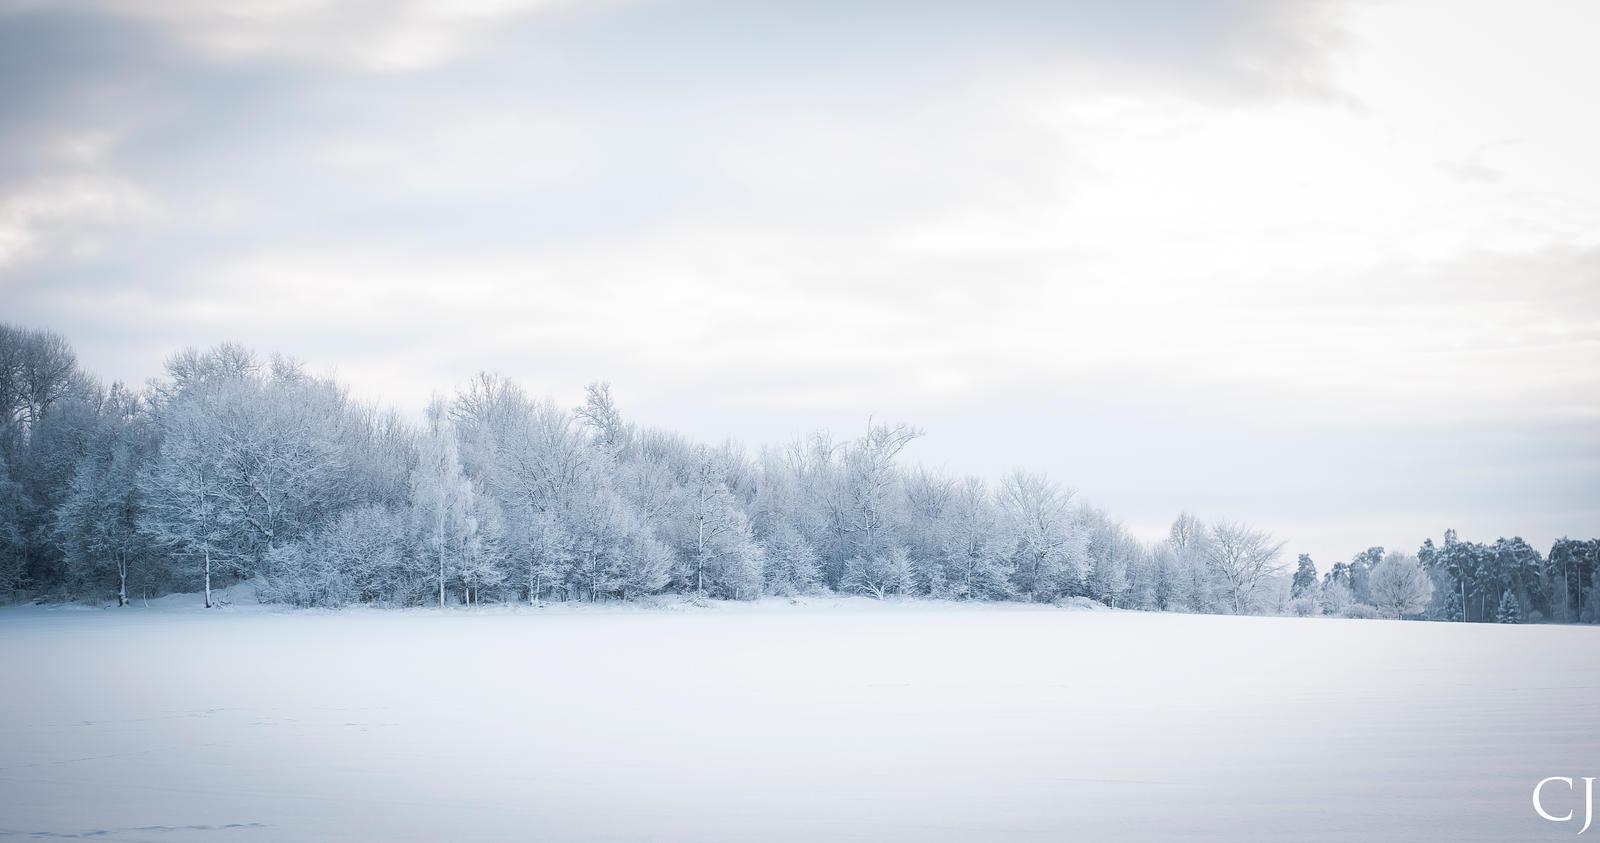 Winter landscape by CJacobssonFoto